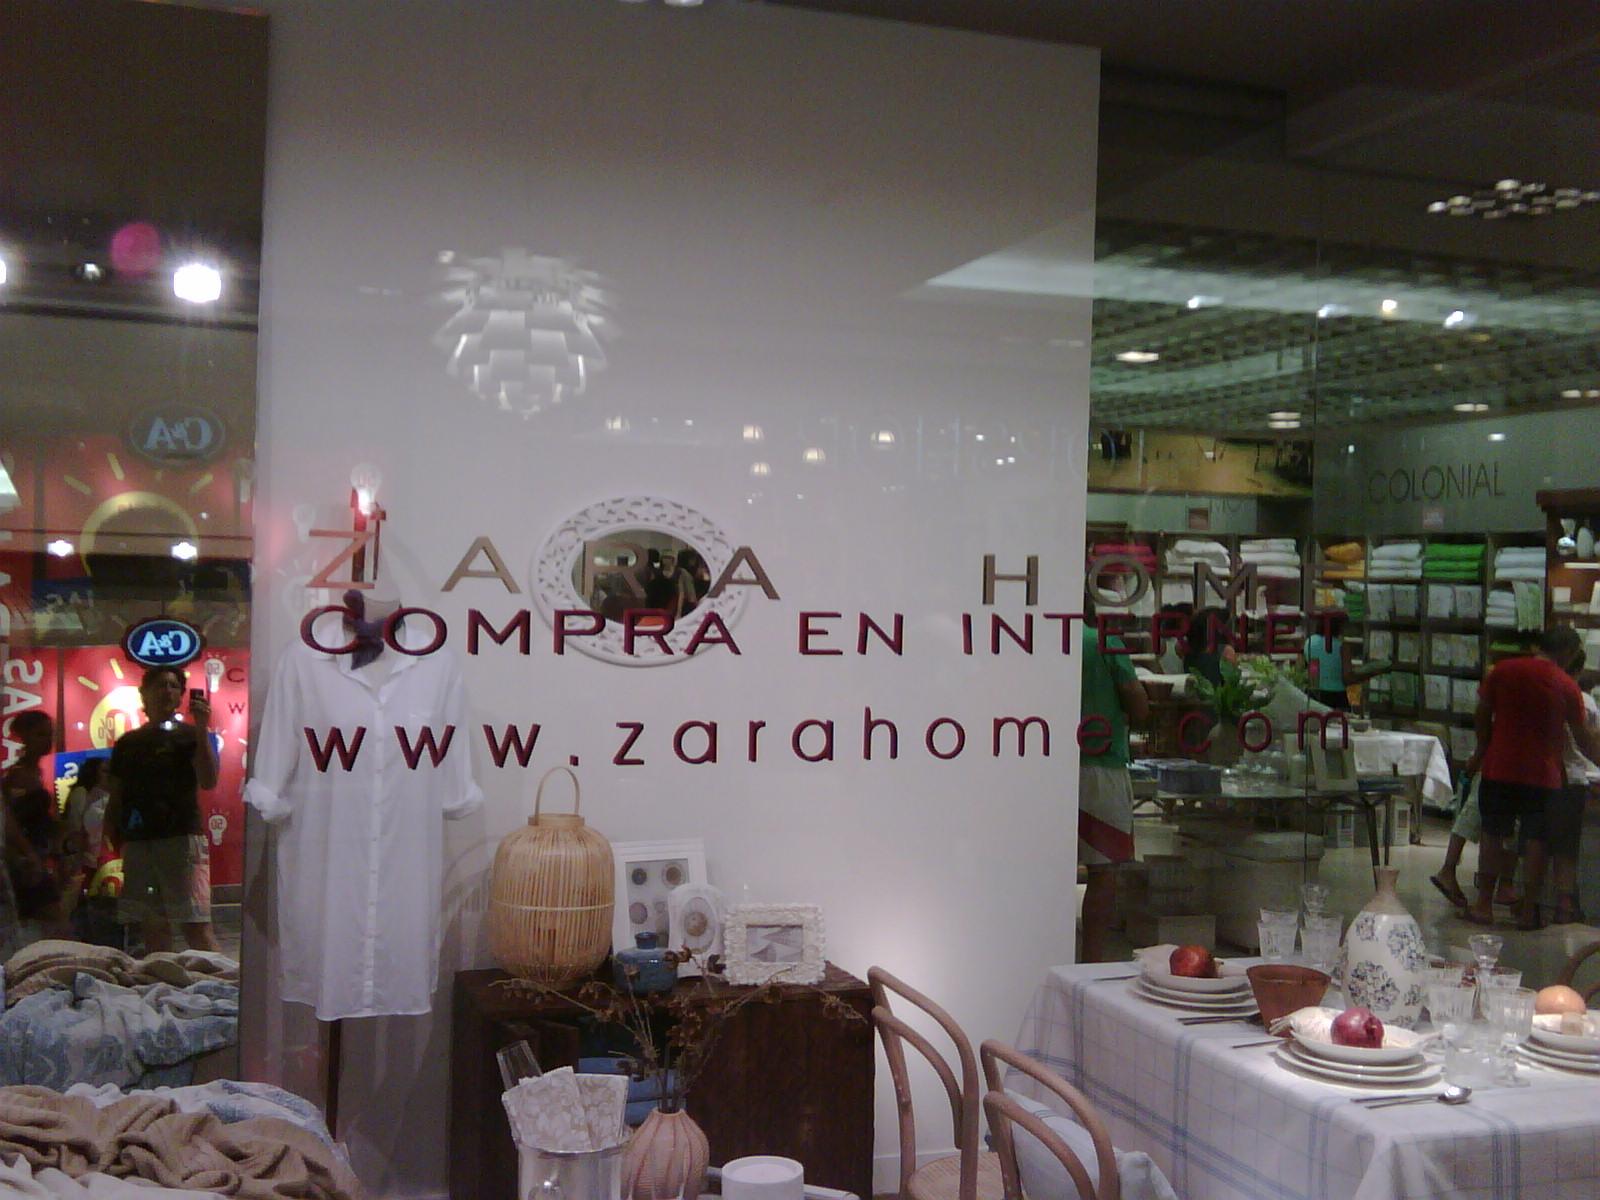 Marketing online separado de estrategias offline el - Zara home marbella ...